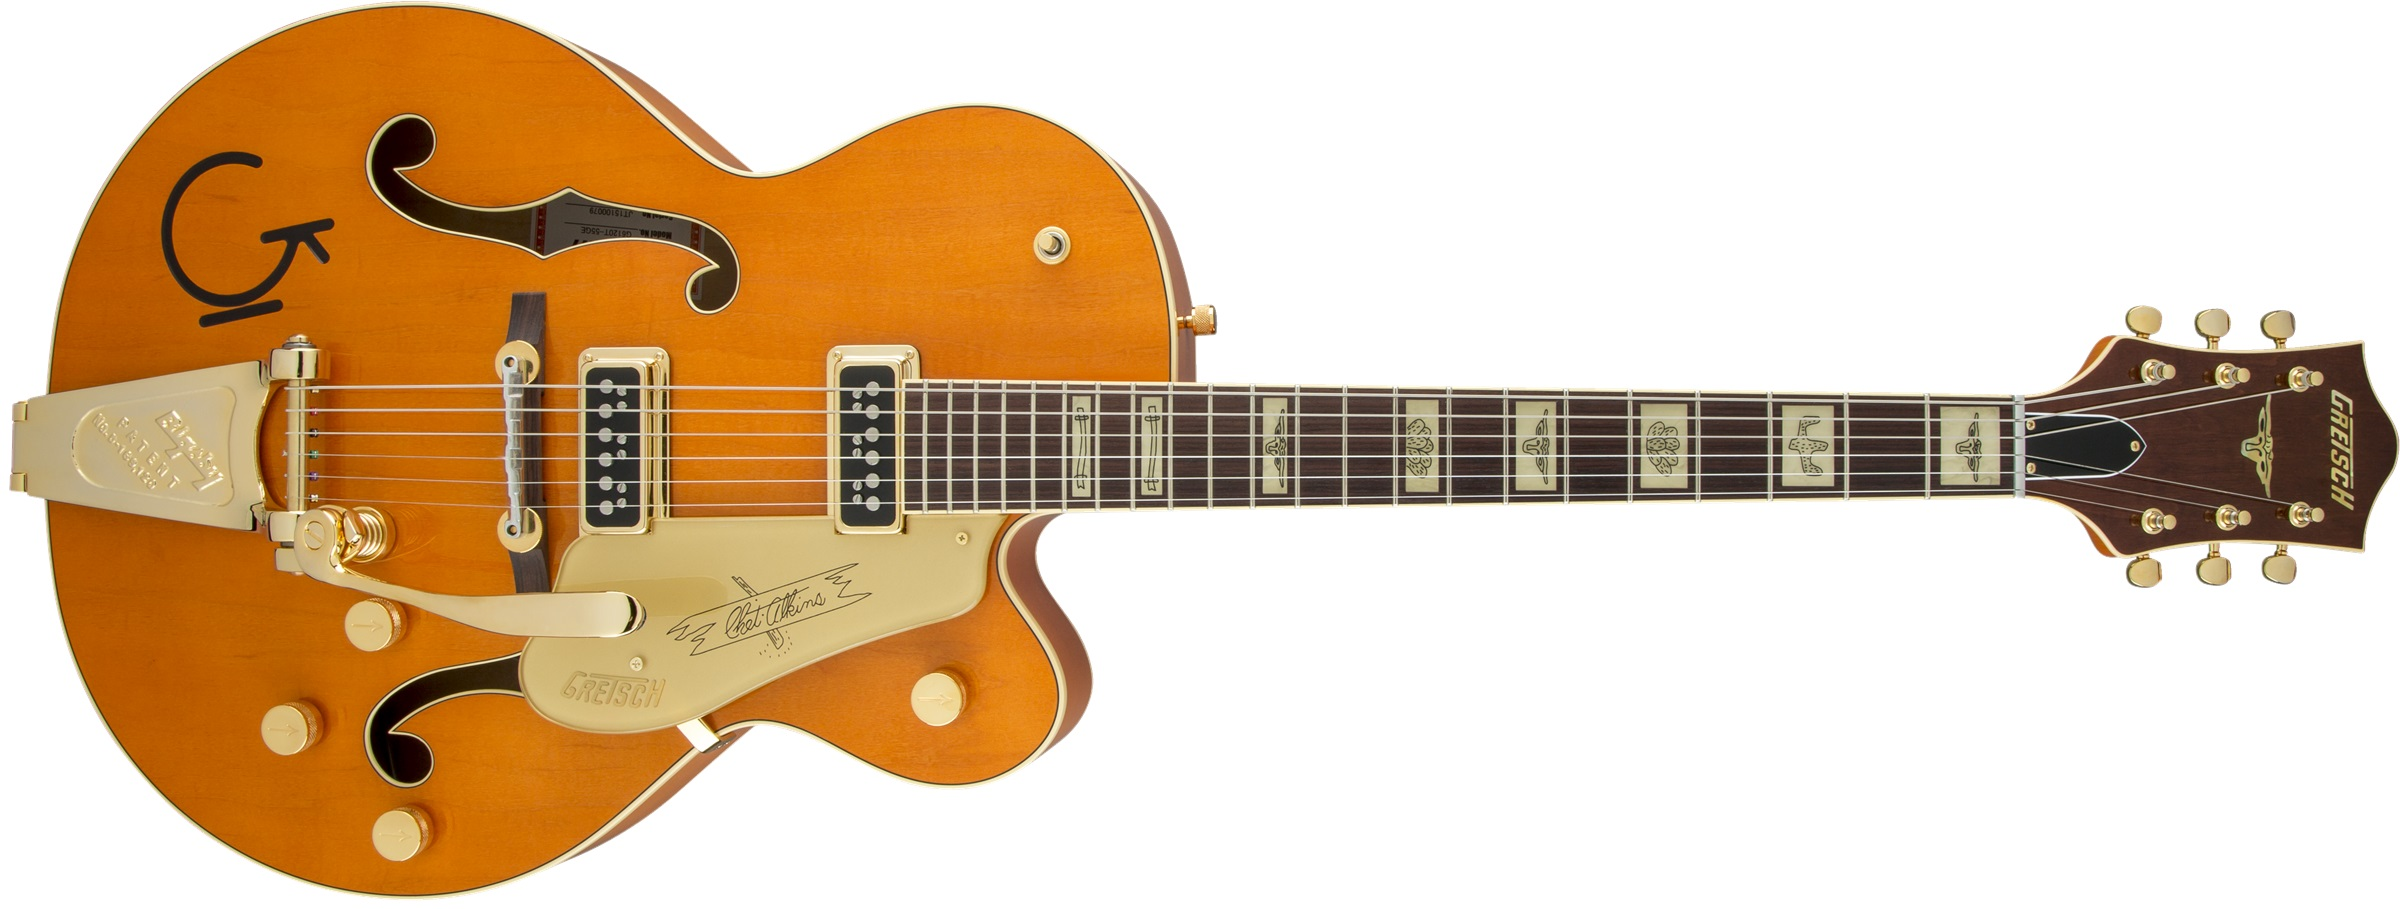 Gretsch G6120T-55GE Golden Era Edition 1955 Chet Atkins